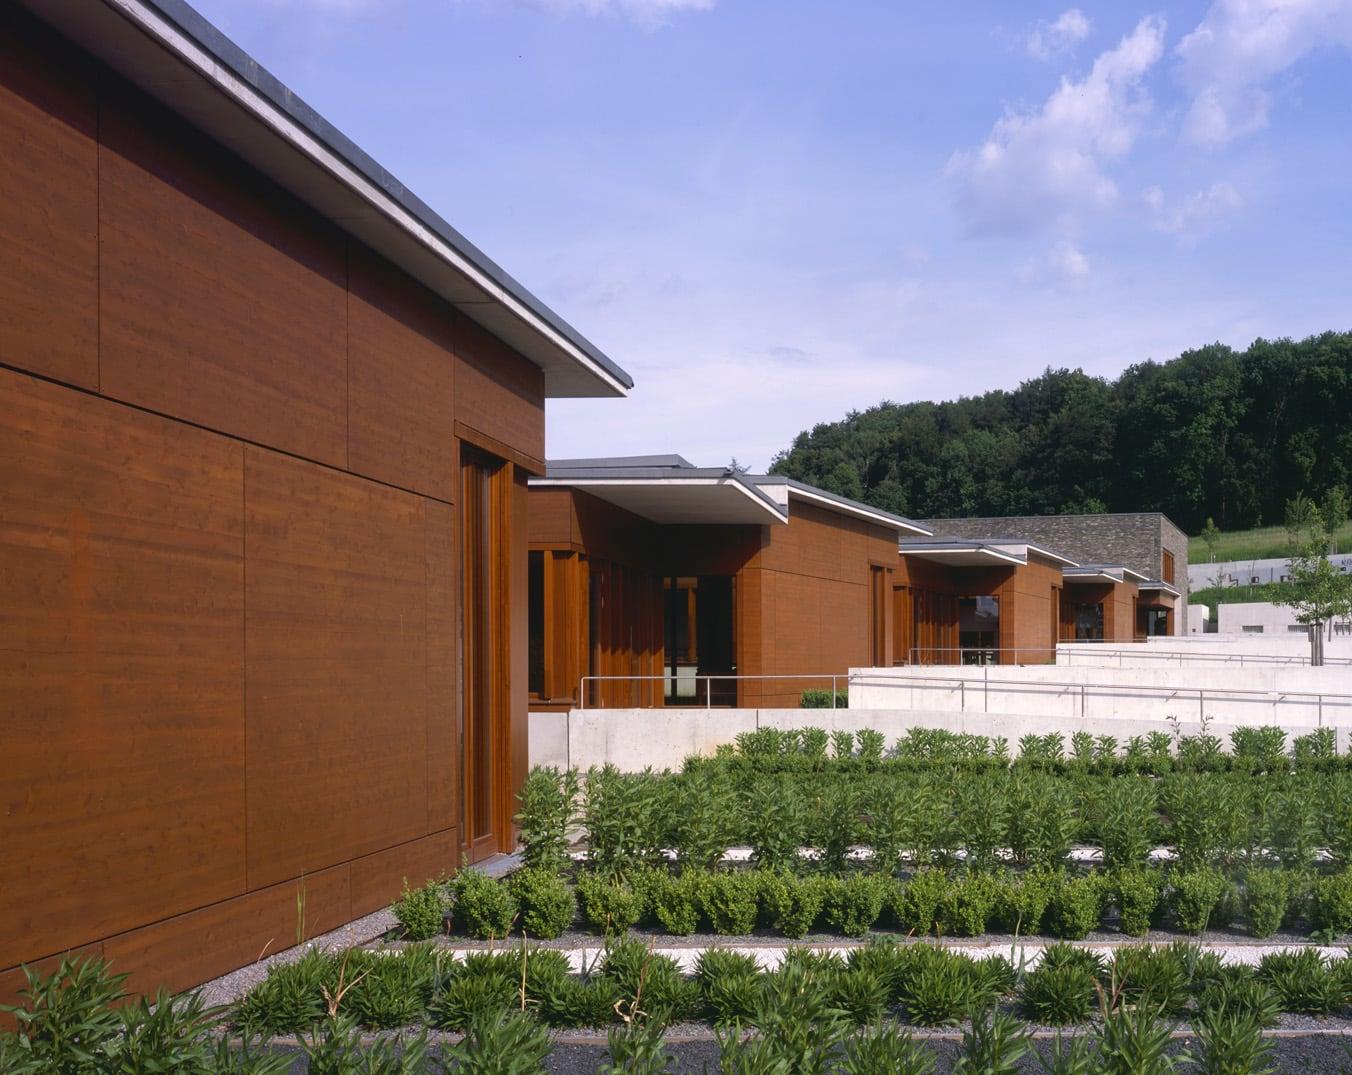 Rückwertige Gebäudestirnen der Klassentrakte